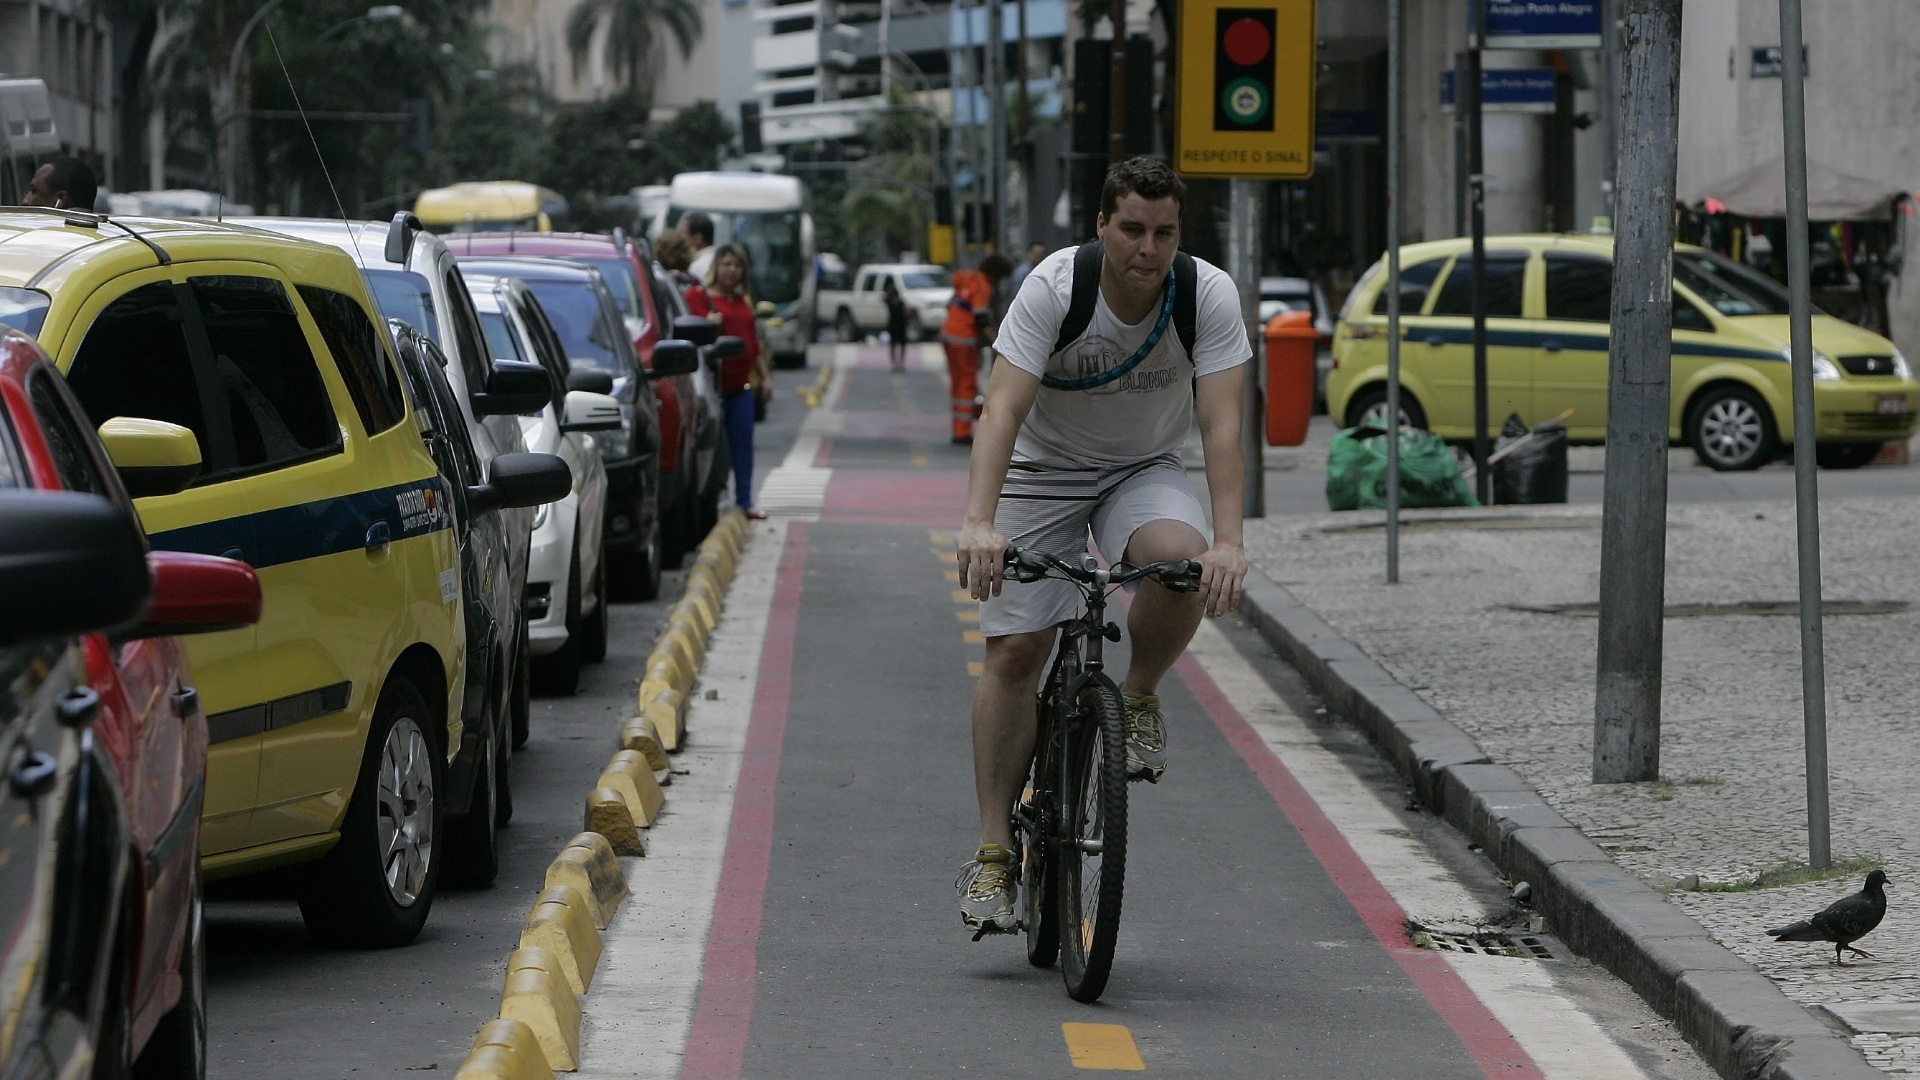 22.set.2014 - Ciclista passa por fila de carros em ciclovia na avenida Graça Aranha, no centro do Rio de Janeiro, no Dia Mundial Sem Carro